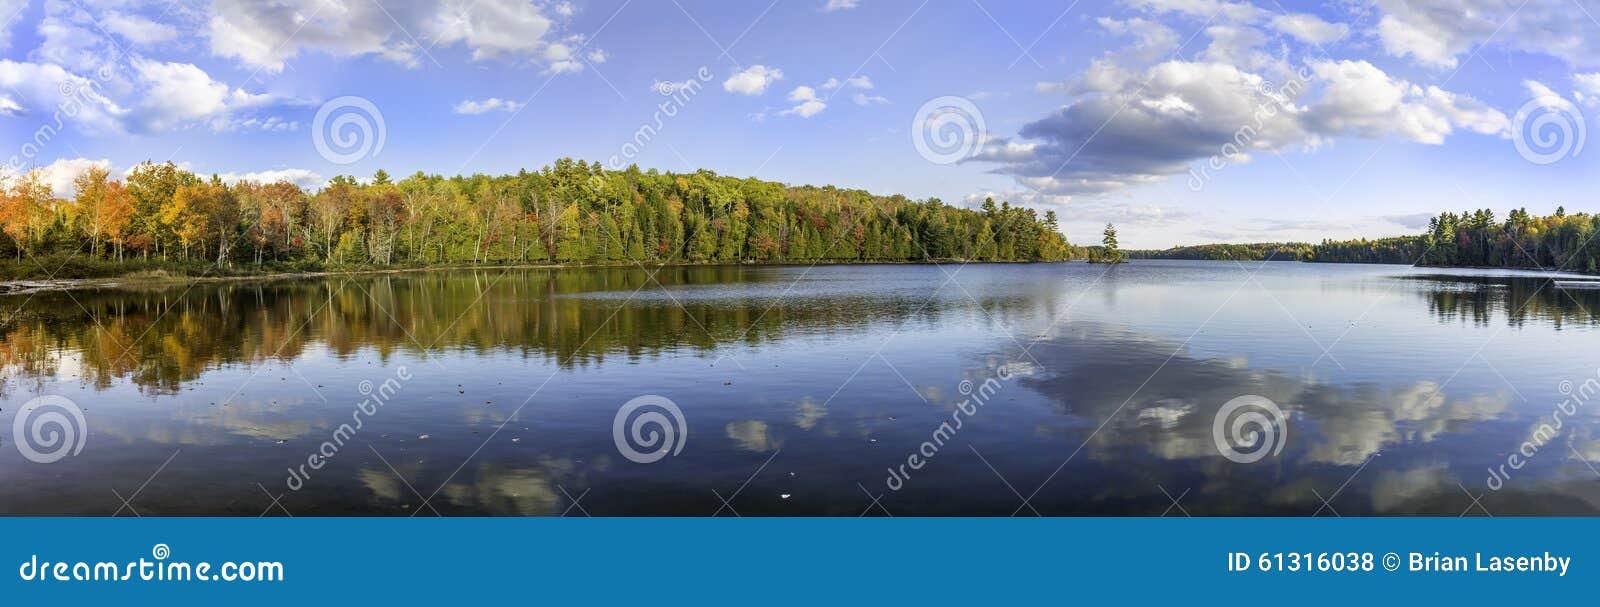 Panorama de un lago en el otoño - Ontario, Canadá